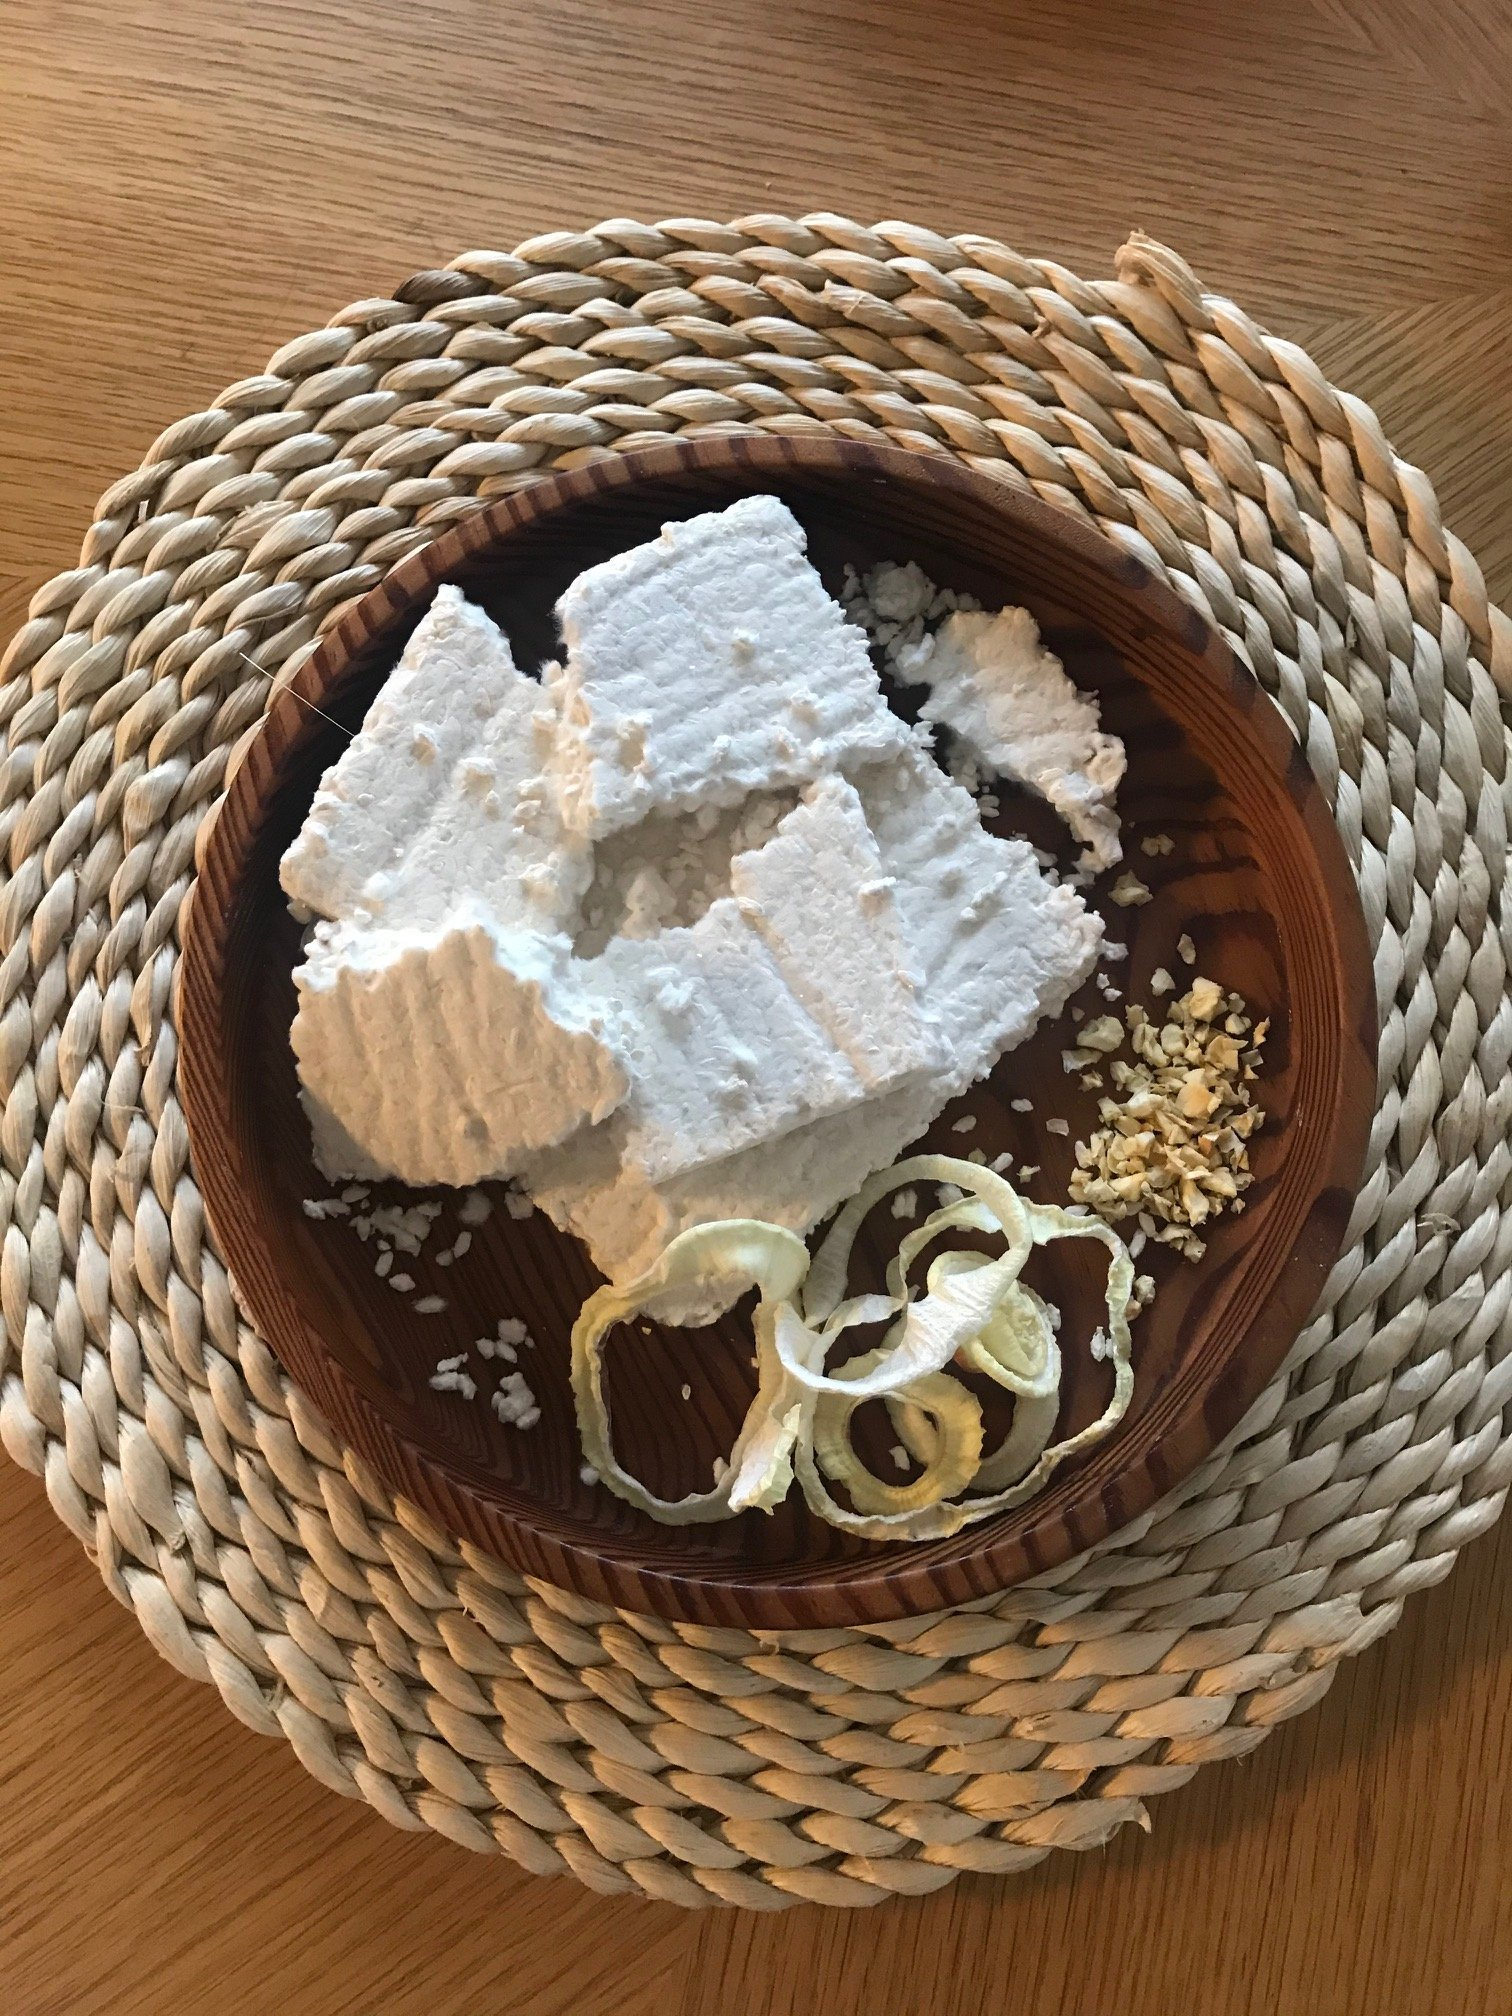 7月12日(日)「干し野菜麹」料理教室 たっぷりの干し野菜麹を作って・干し野菜麹を使った料理もマスターのイメージその2